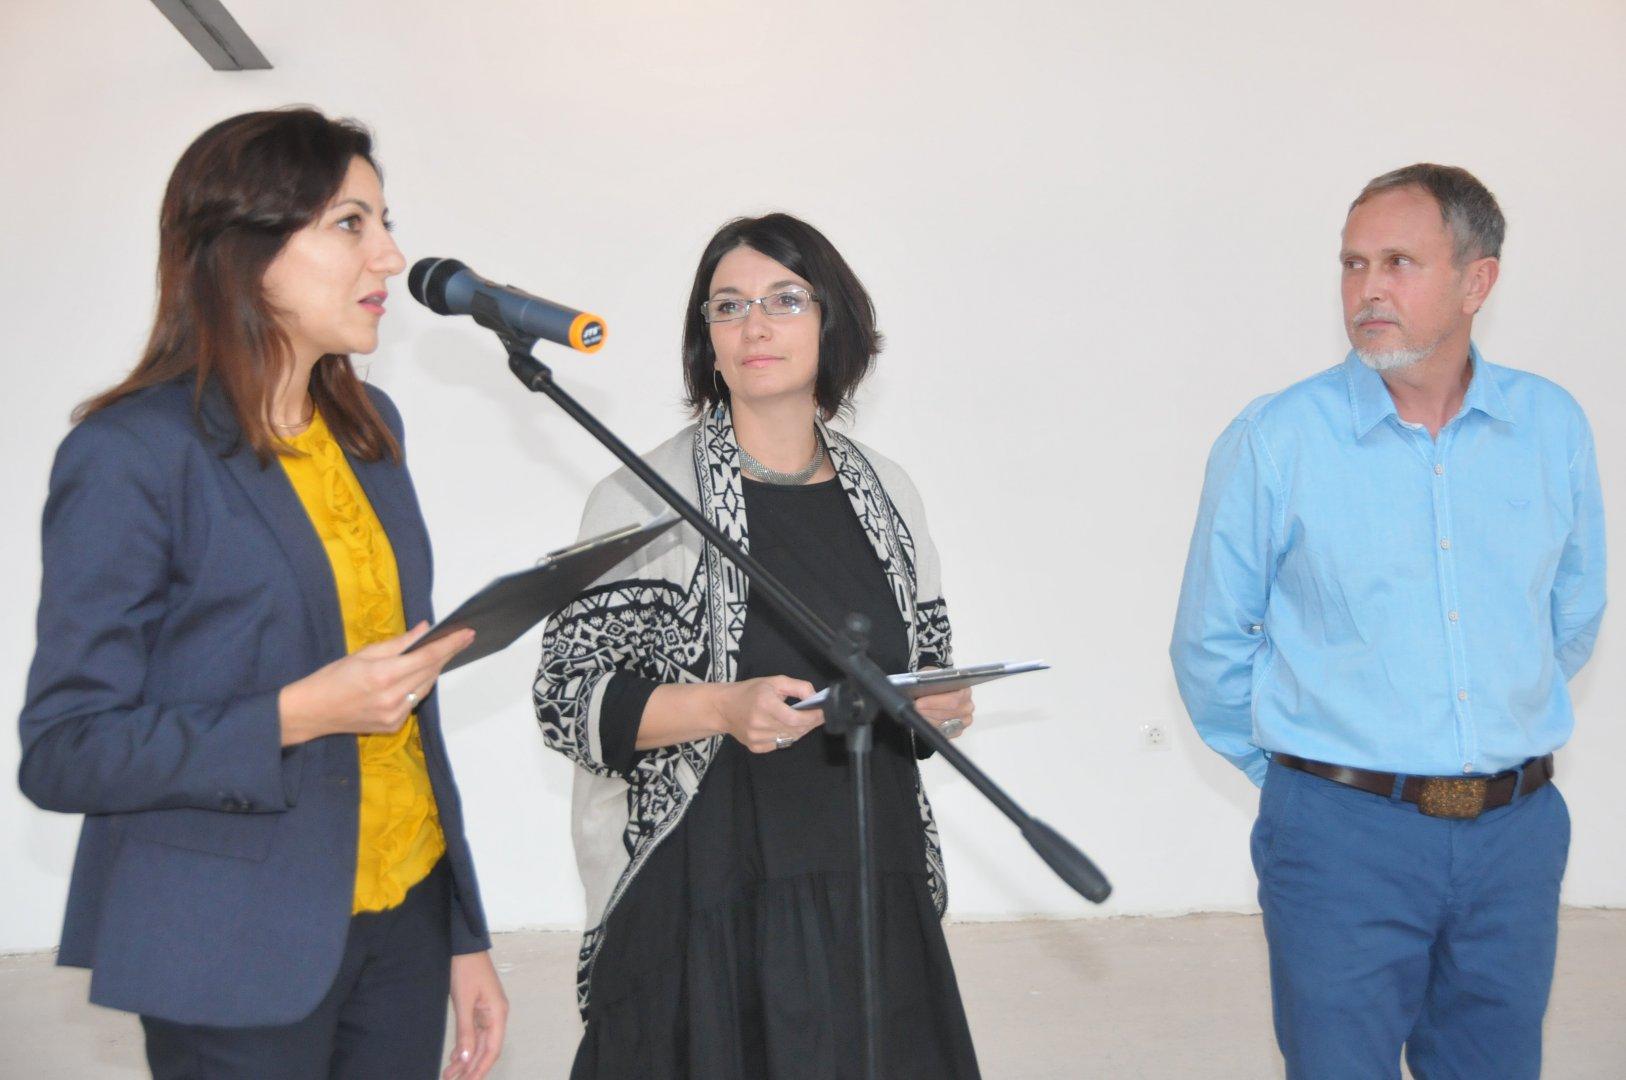 """Изложбата откри Петя Караманска (вляво) - маркетинг мениджър на град хотел и СПА """"Приморец"""". Снимки Лина Главинова"""